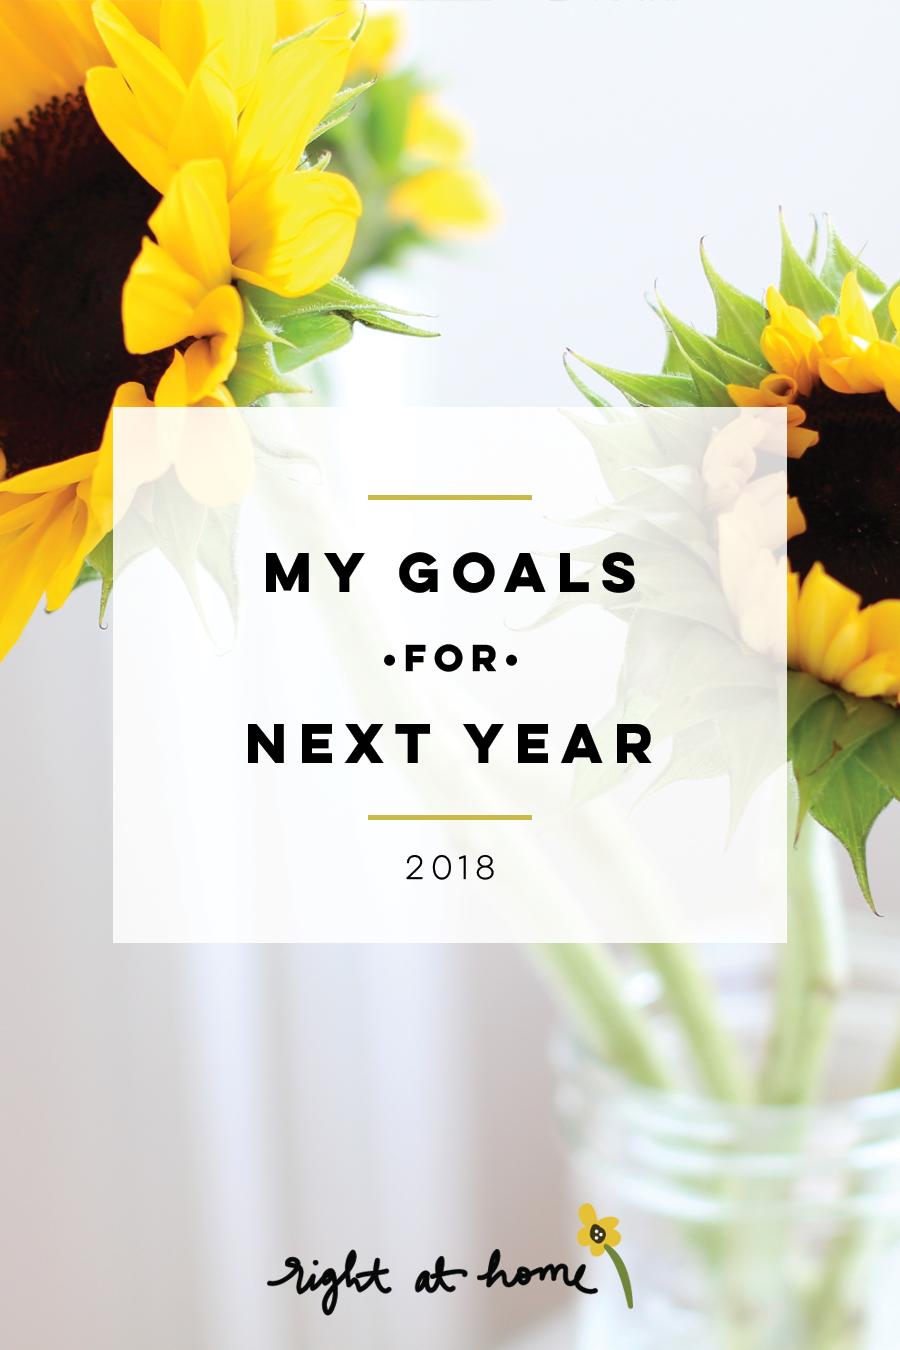 My 2018 Goals // Business, Life, & More - rightathomeshop.com/blog